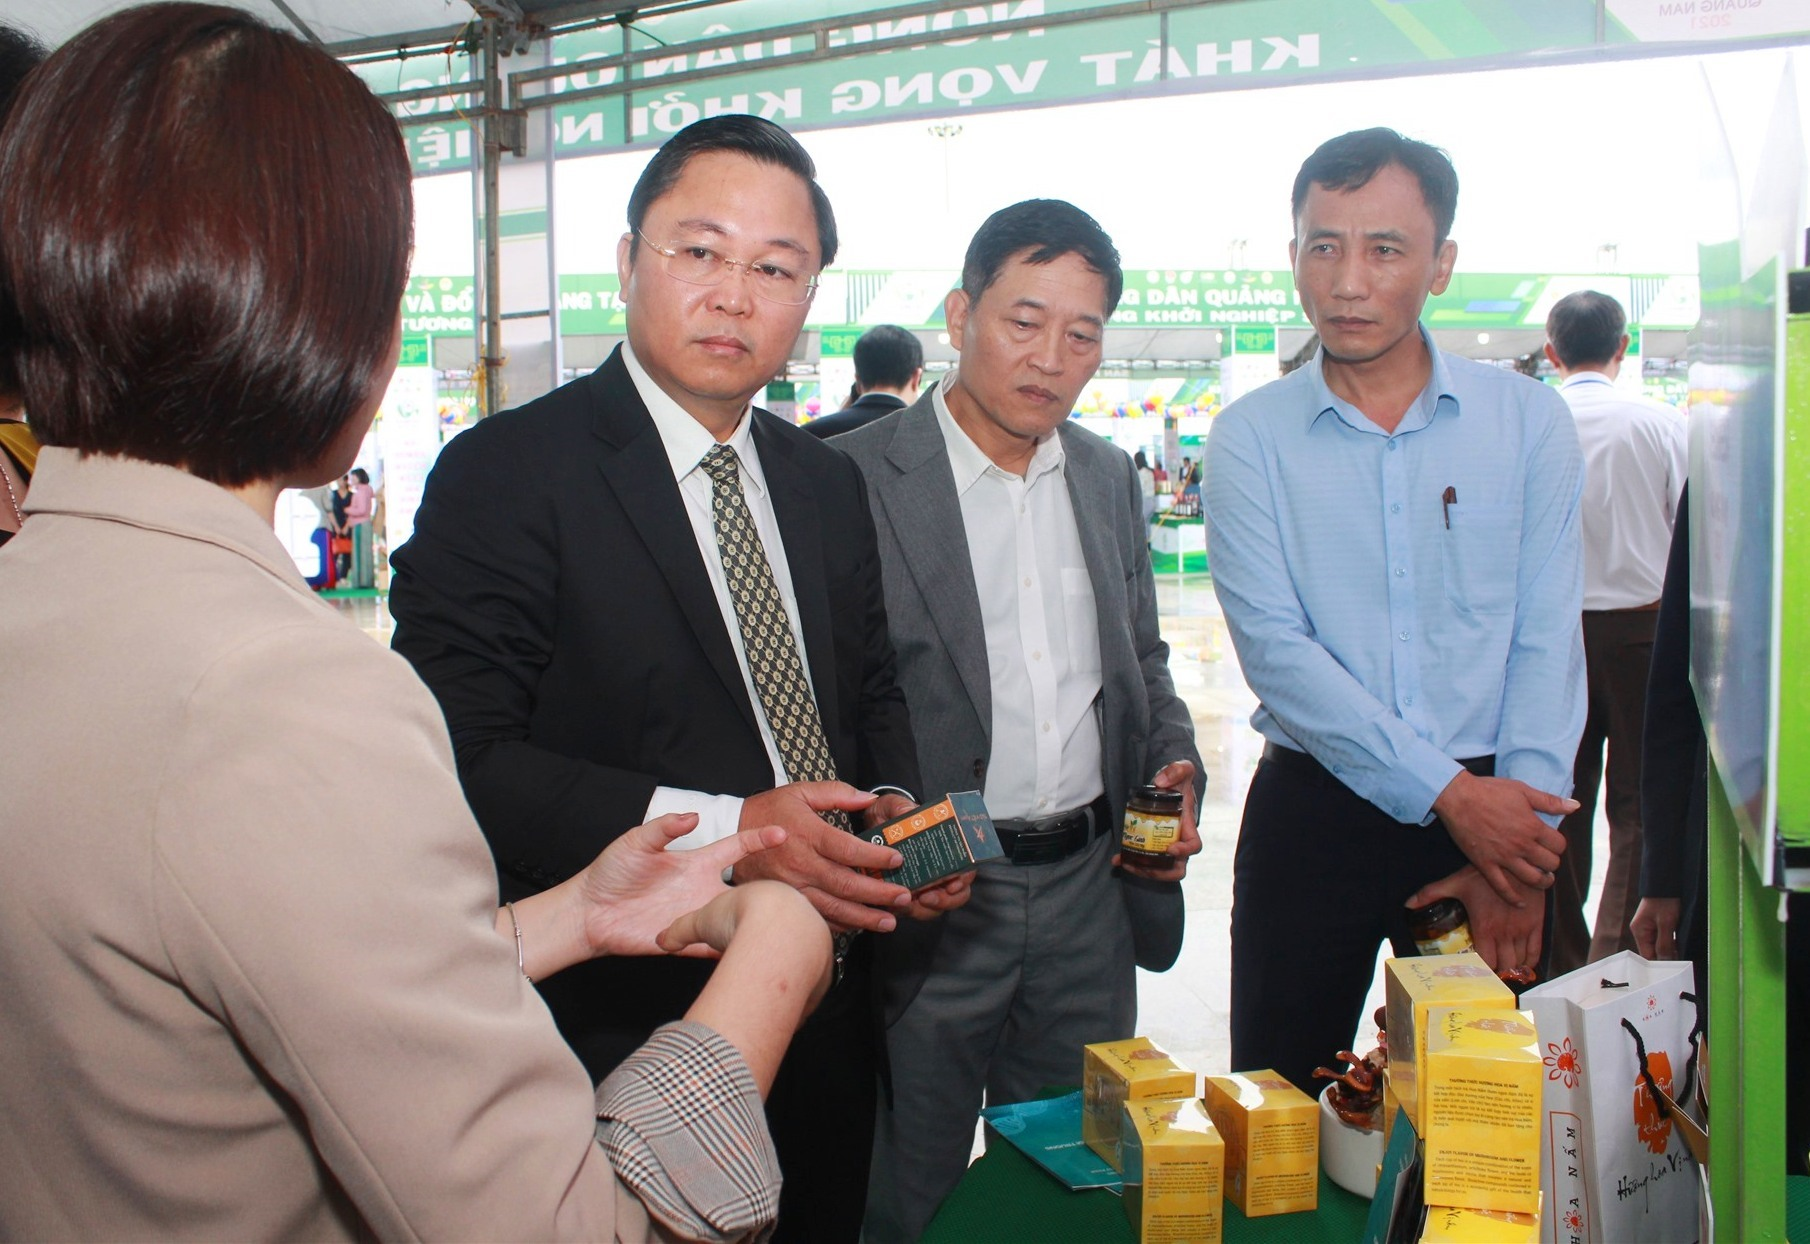 Thứ trưởng Bộ KH-CN Trần Văn Tùng cùng Chủ tịch UBND tỉnh Lê Trí Thanh thăm các gian hàng khởi nghiệp. Ảnh: C.V